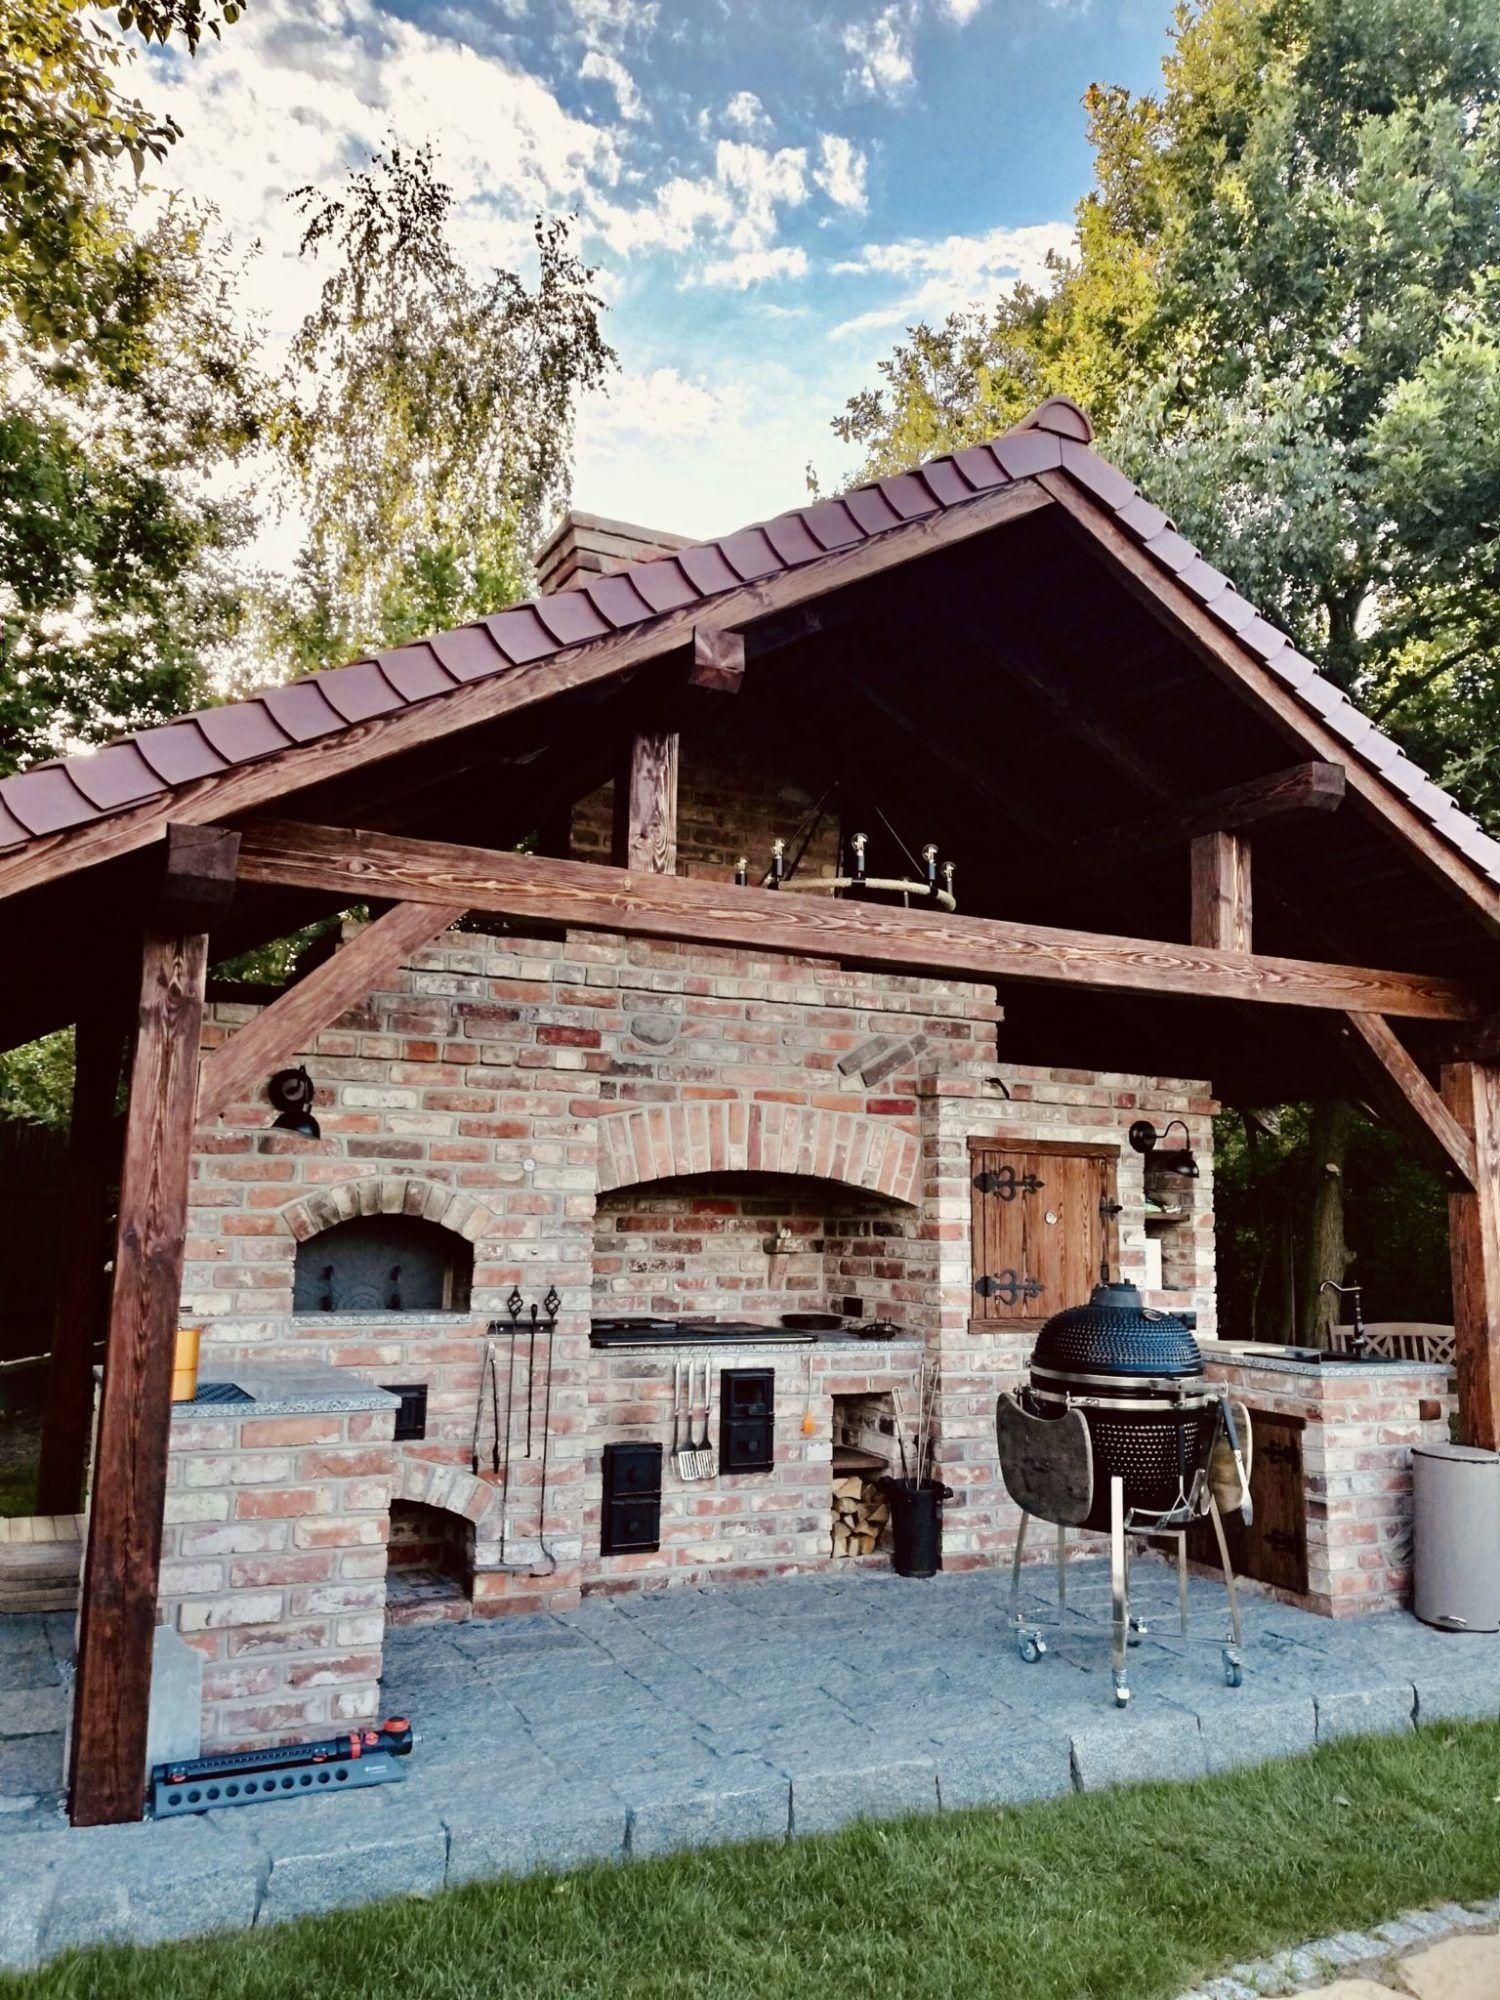 Kuchnie Ze Starej Cegly Kuchnie Letnie Ogrody Zimowe Grille Piece Kuchnia W Ogrodzie Outdoor Grill Station Outdoor Fireplace Plans Outdoor Kitchen Grill